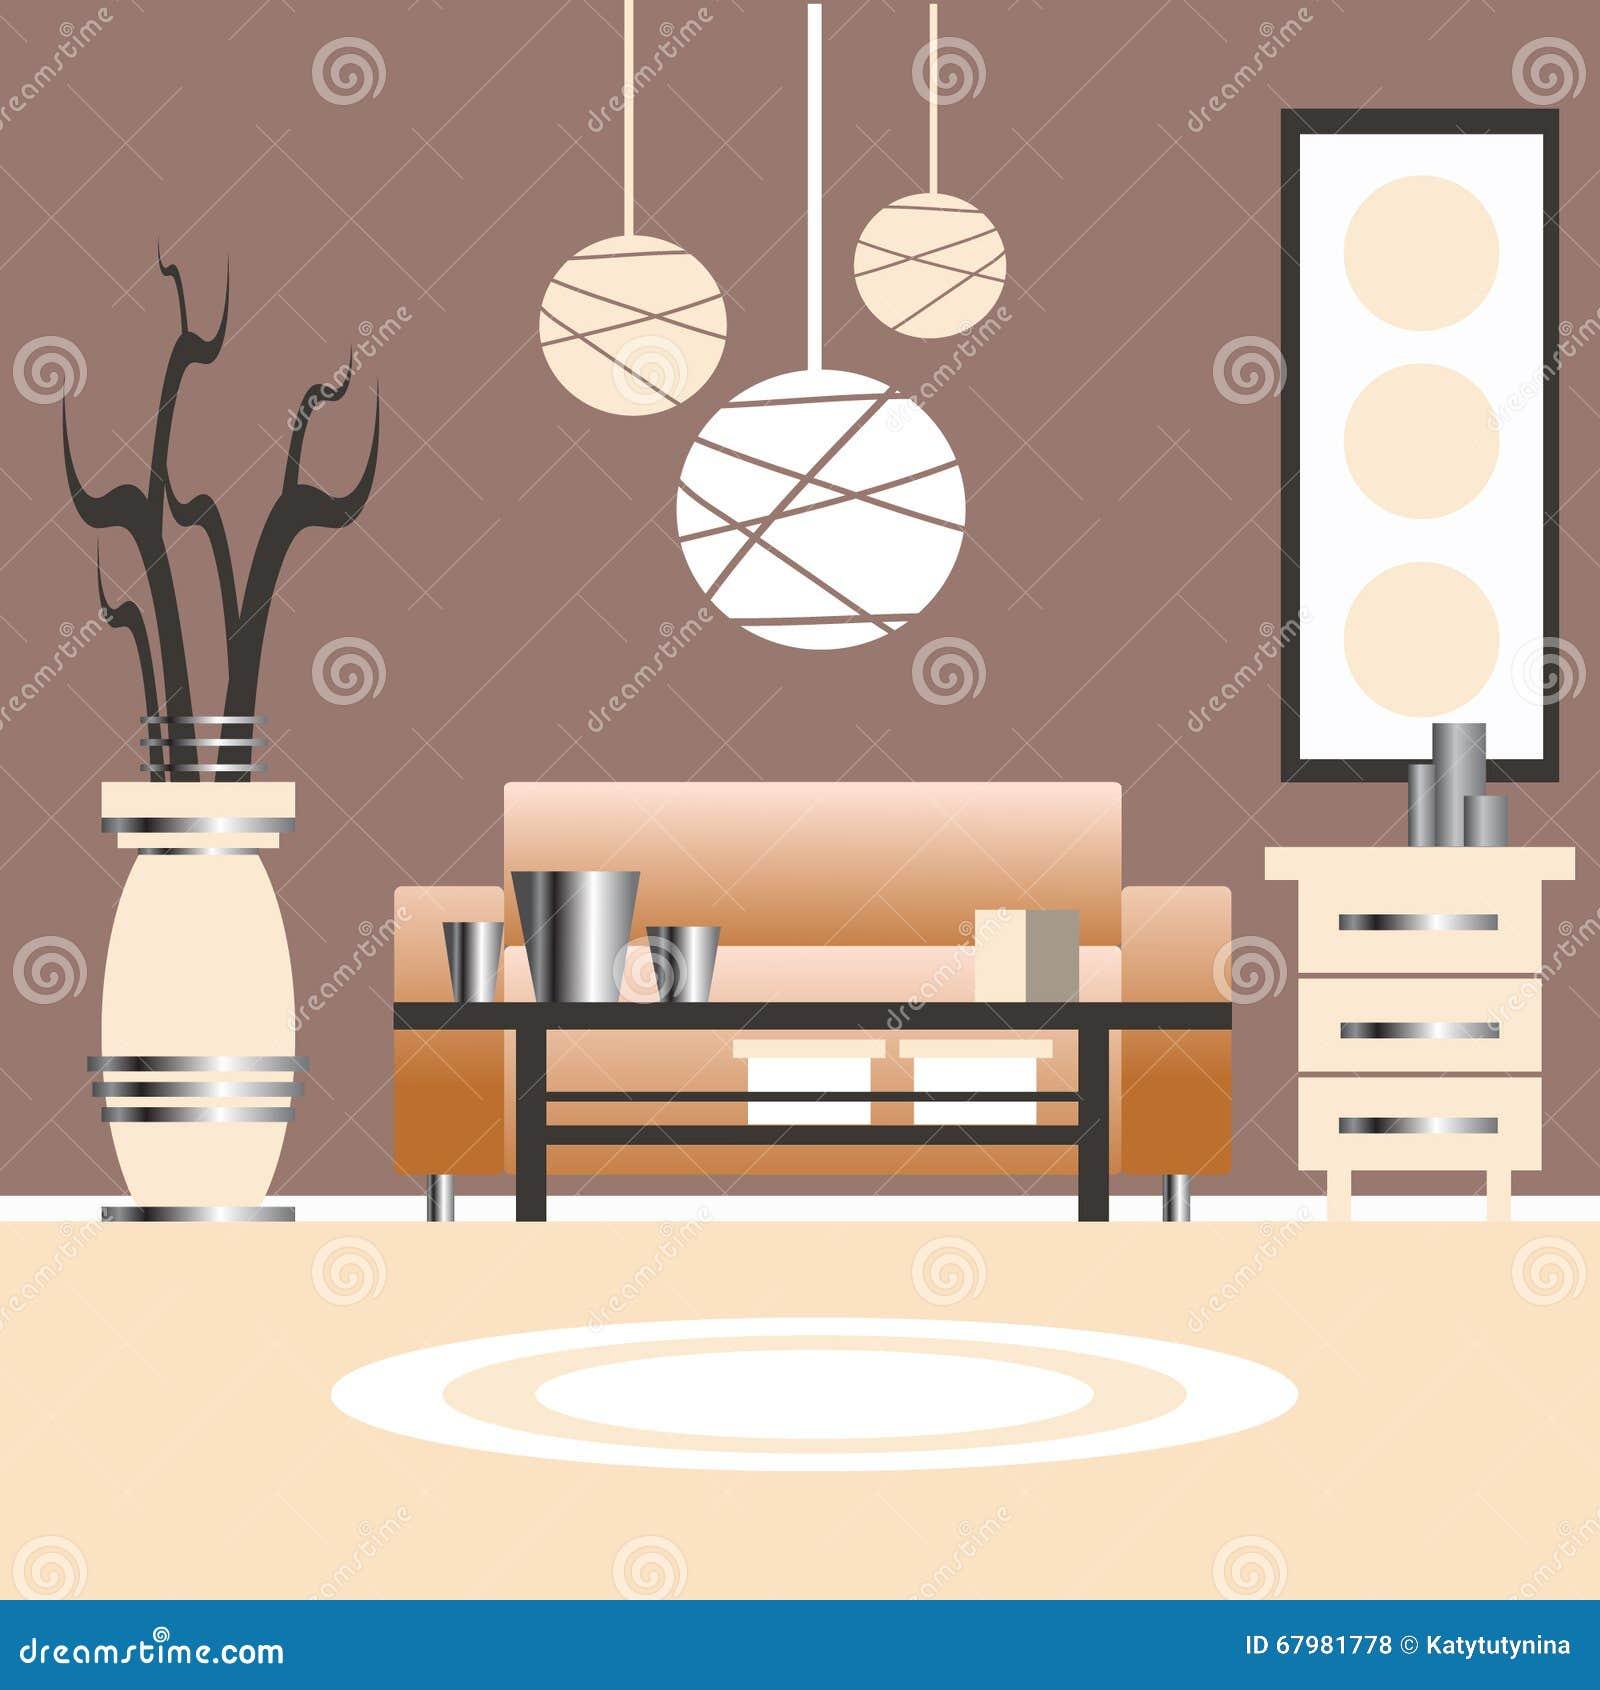 Illustration Of Living Room Interior Design Stock Vector